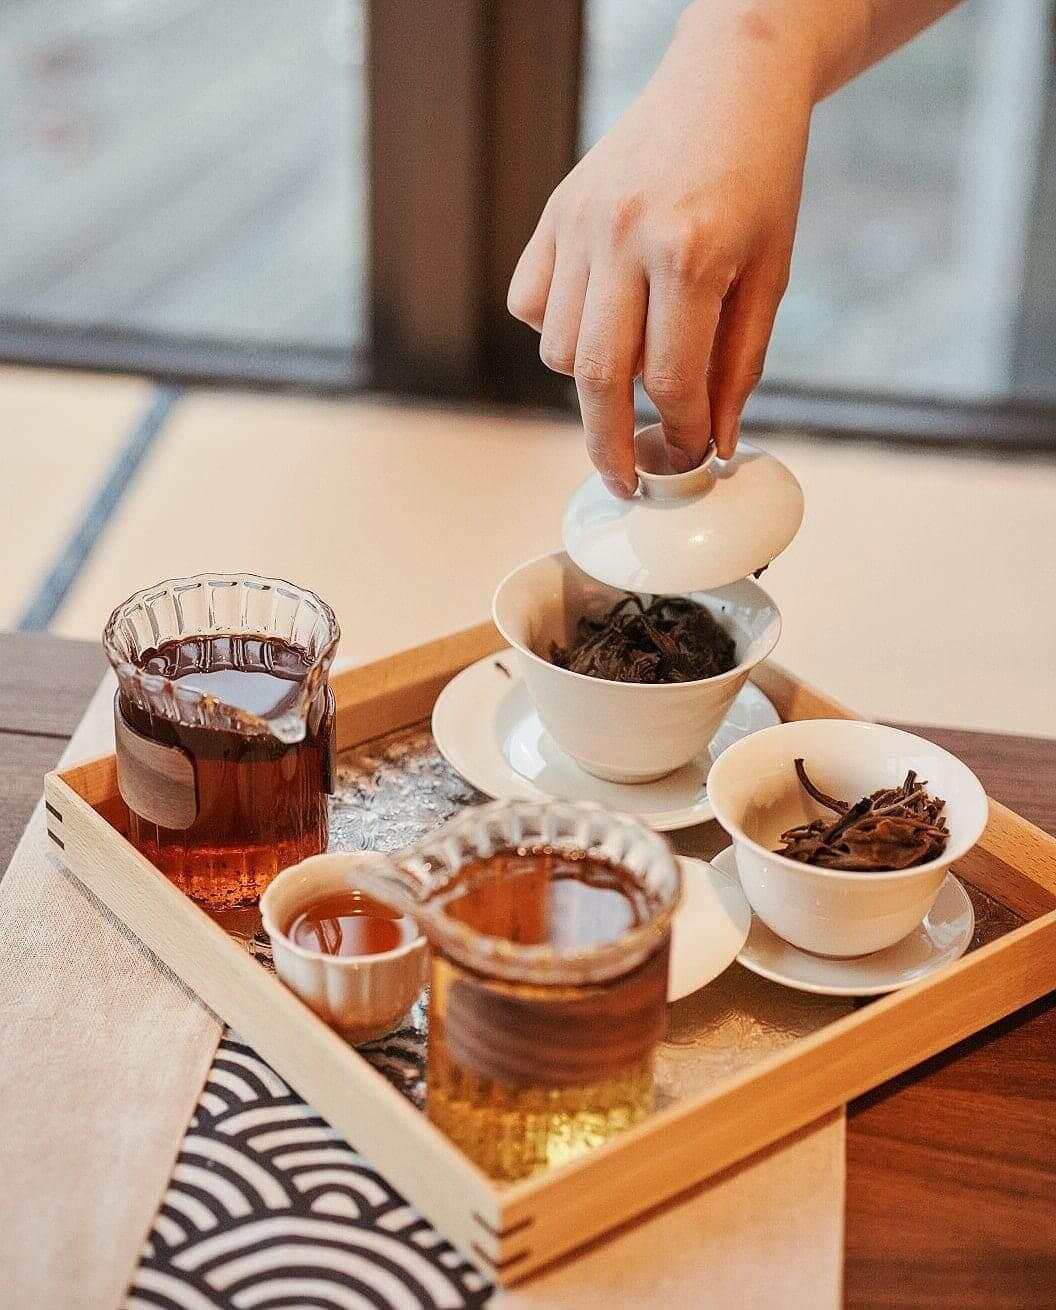 高山茶經過熱水沖泡,茶香四溢。